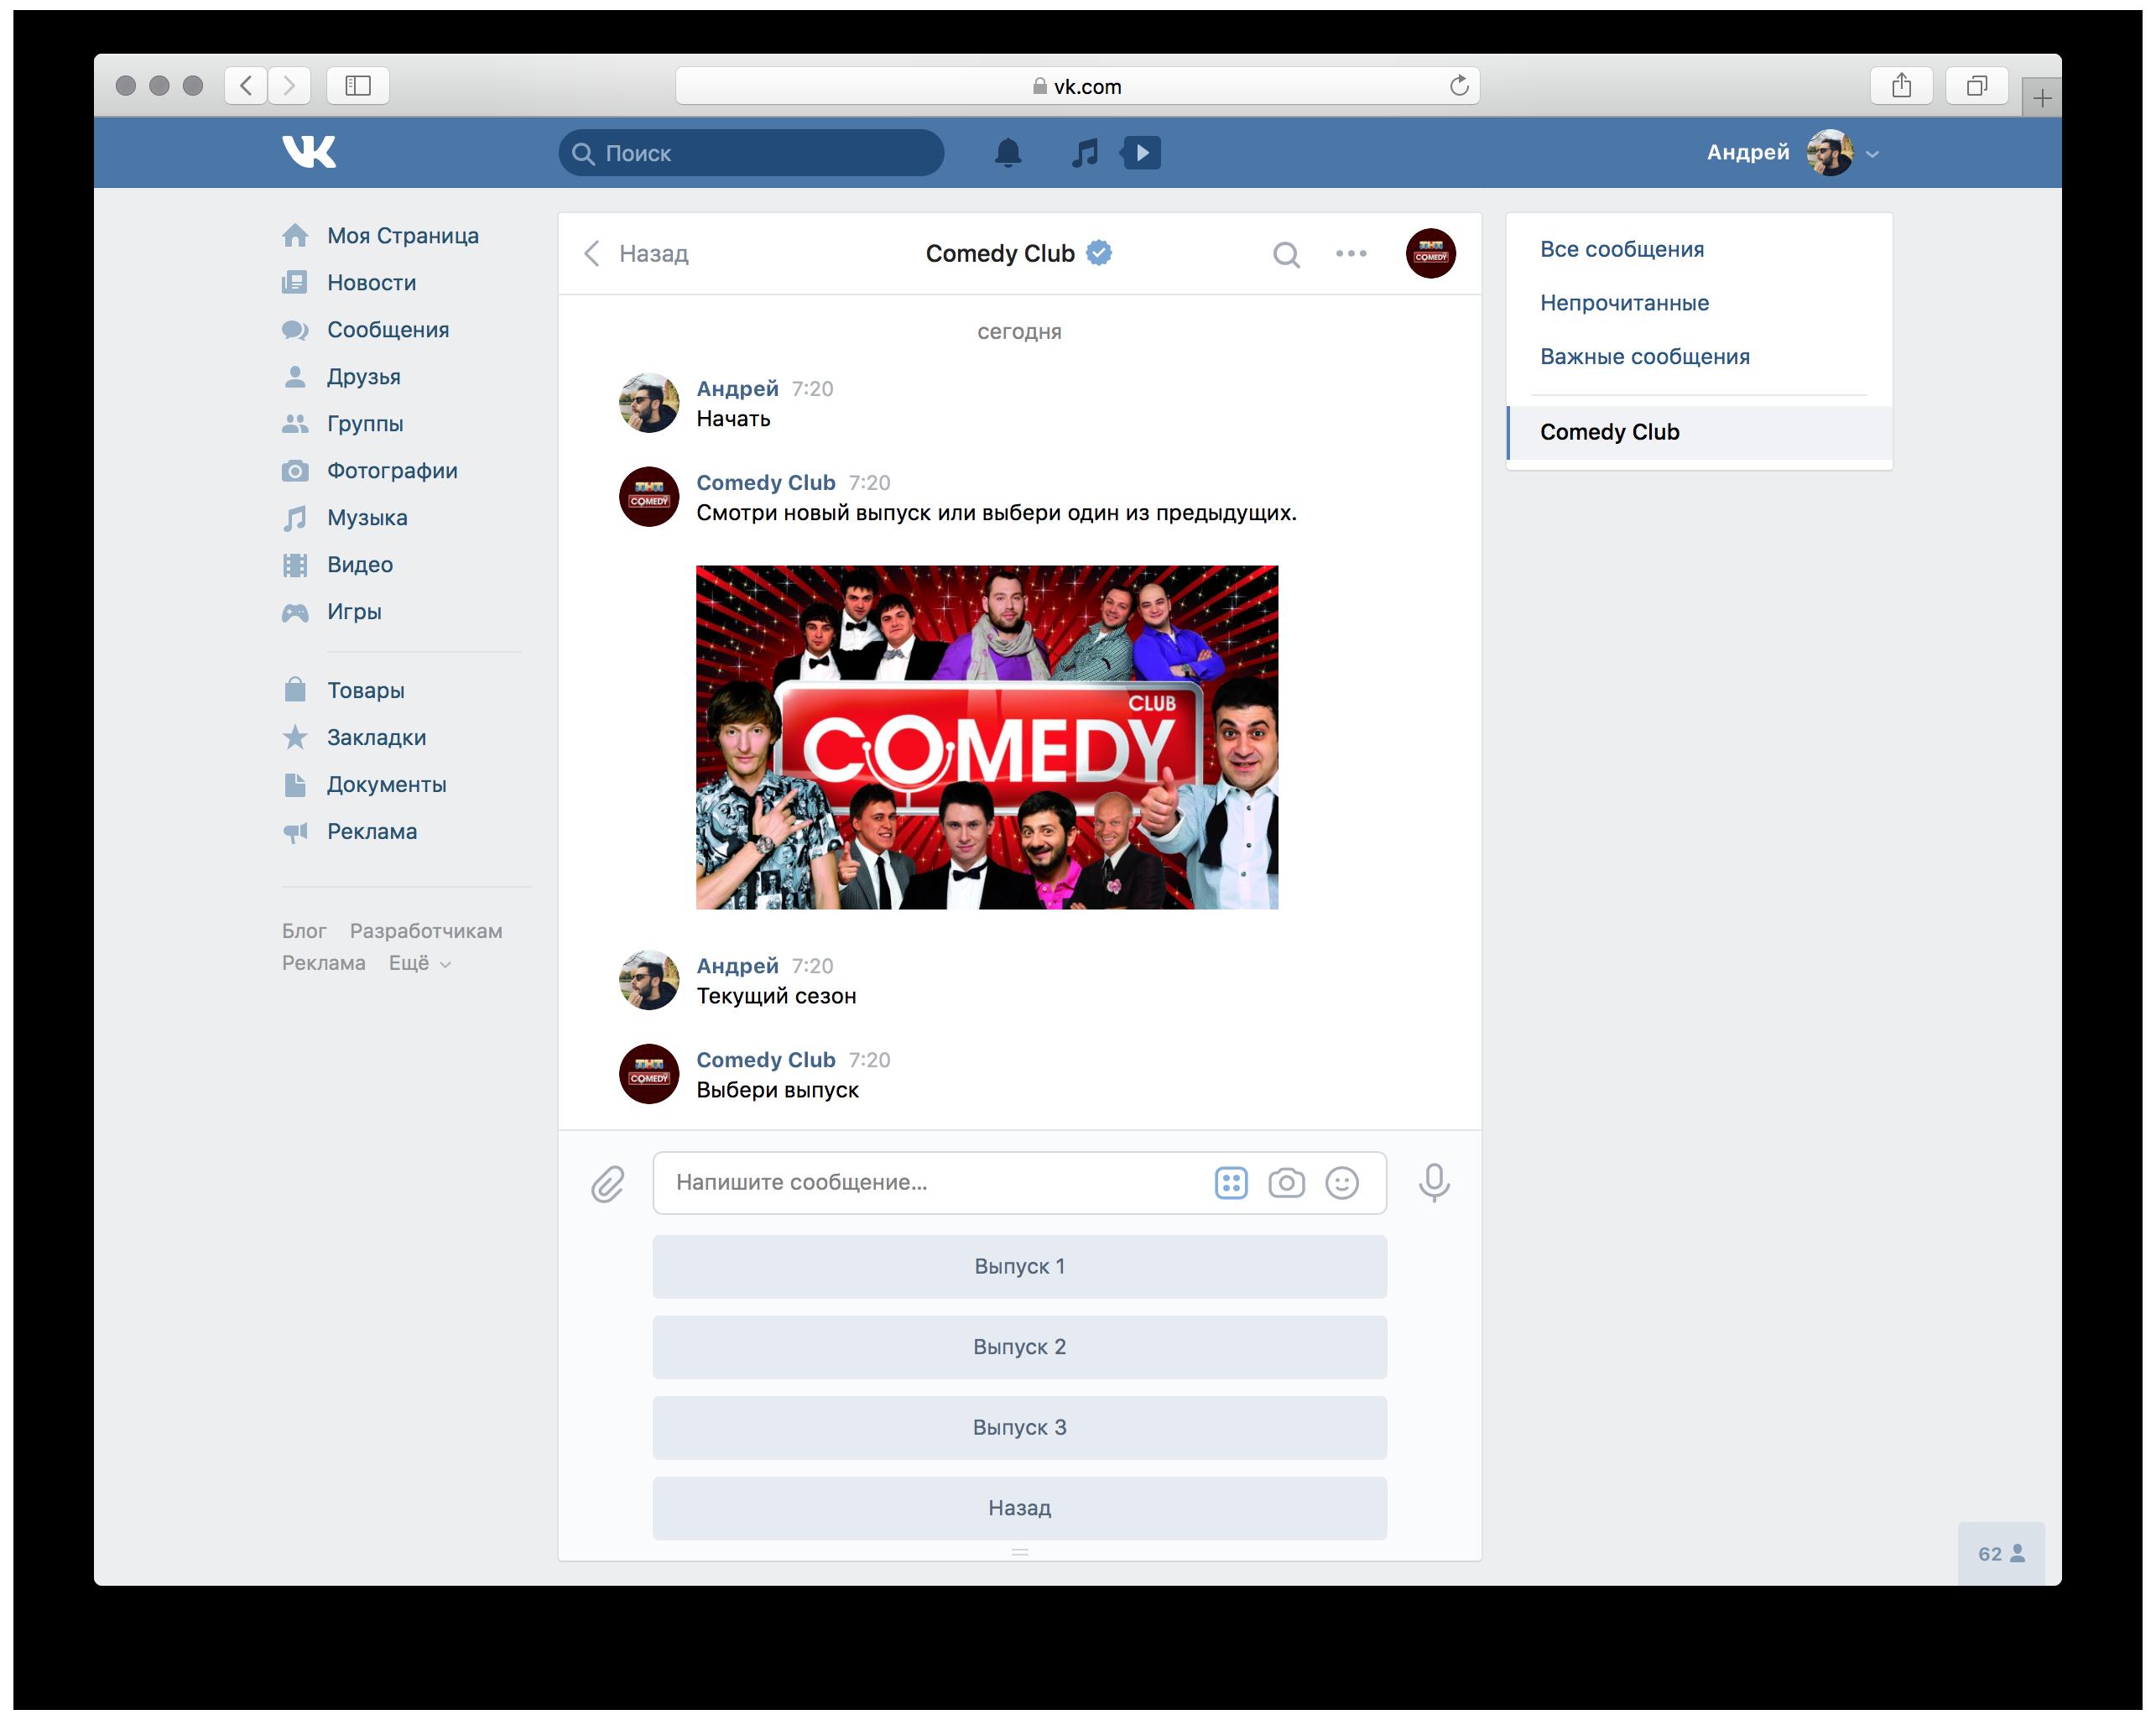 ВКонтакте добавила в чатботов кнопки для быстрого ответа